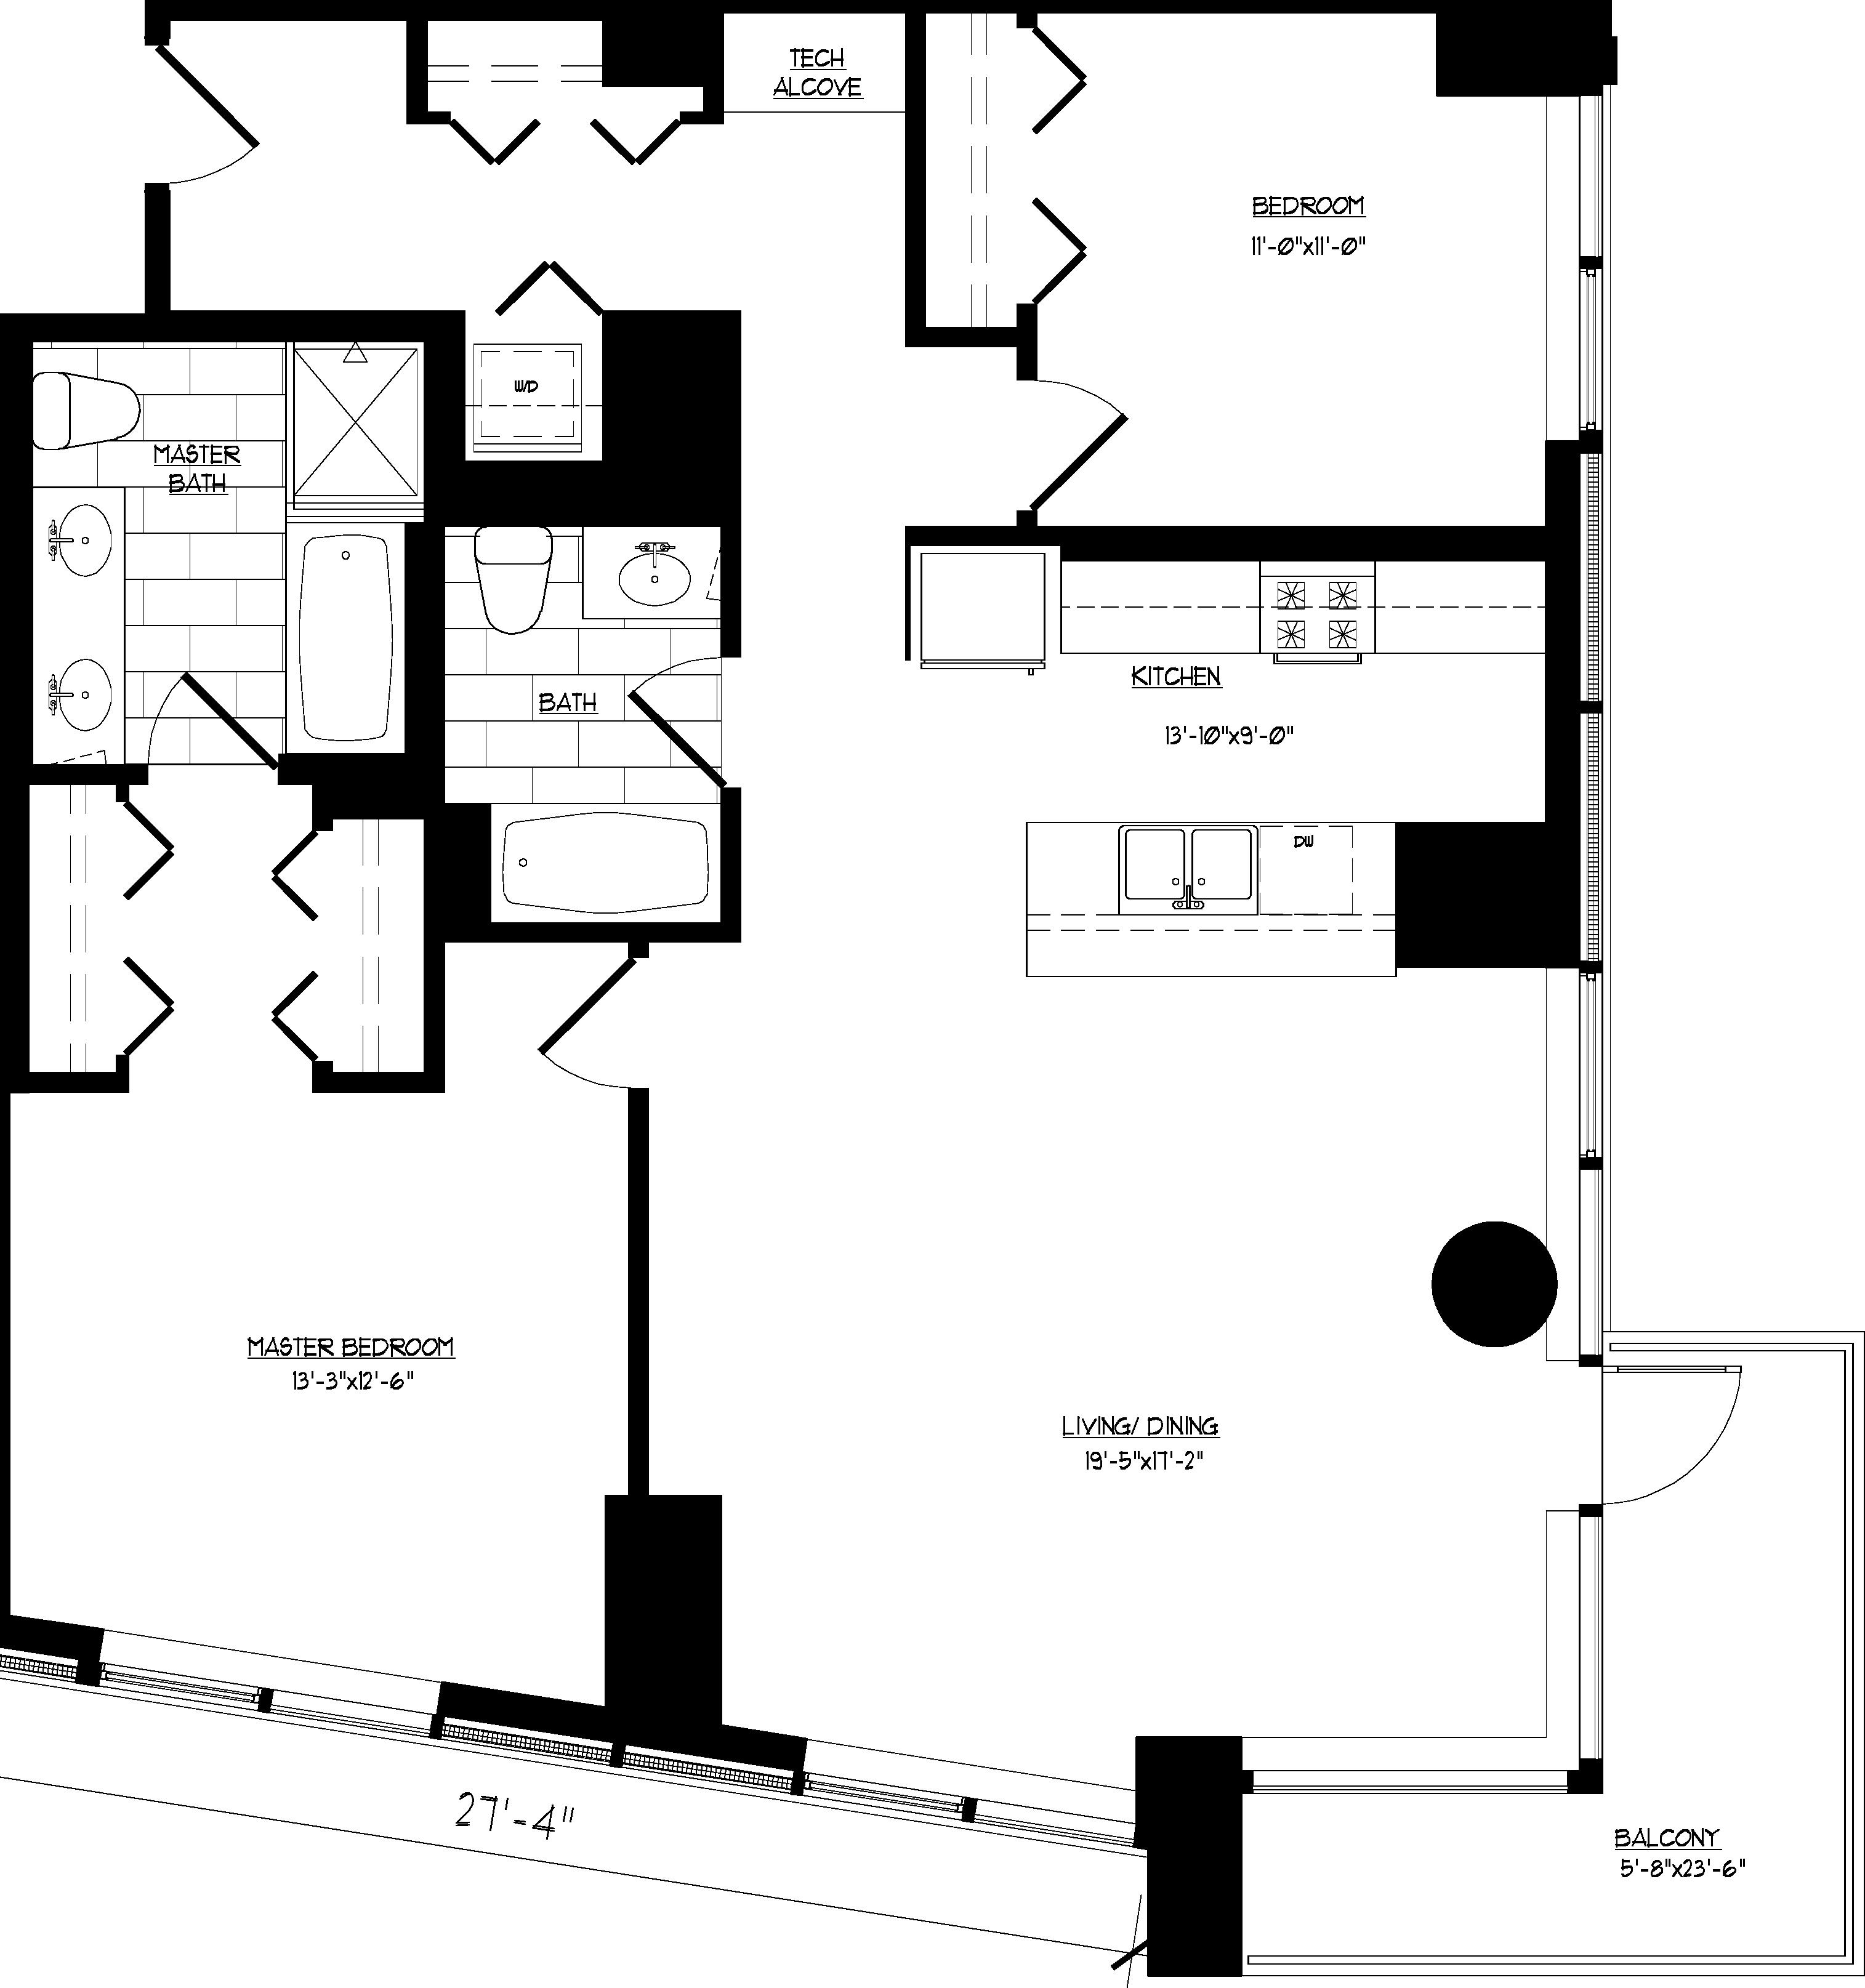 Unit image